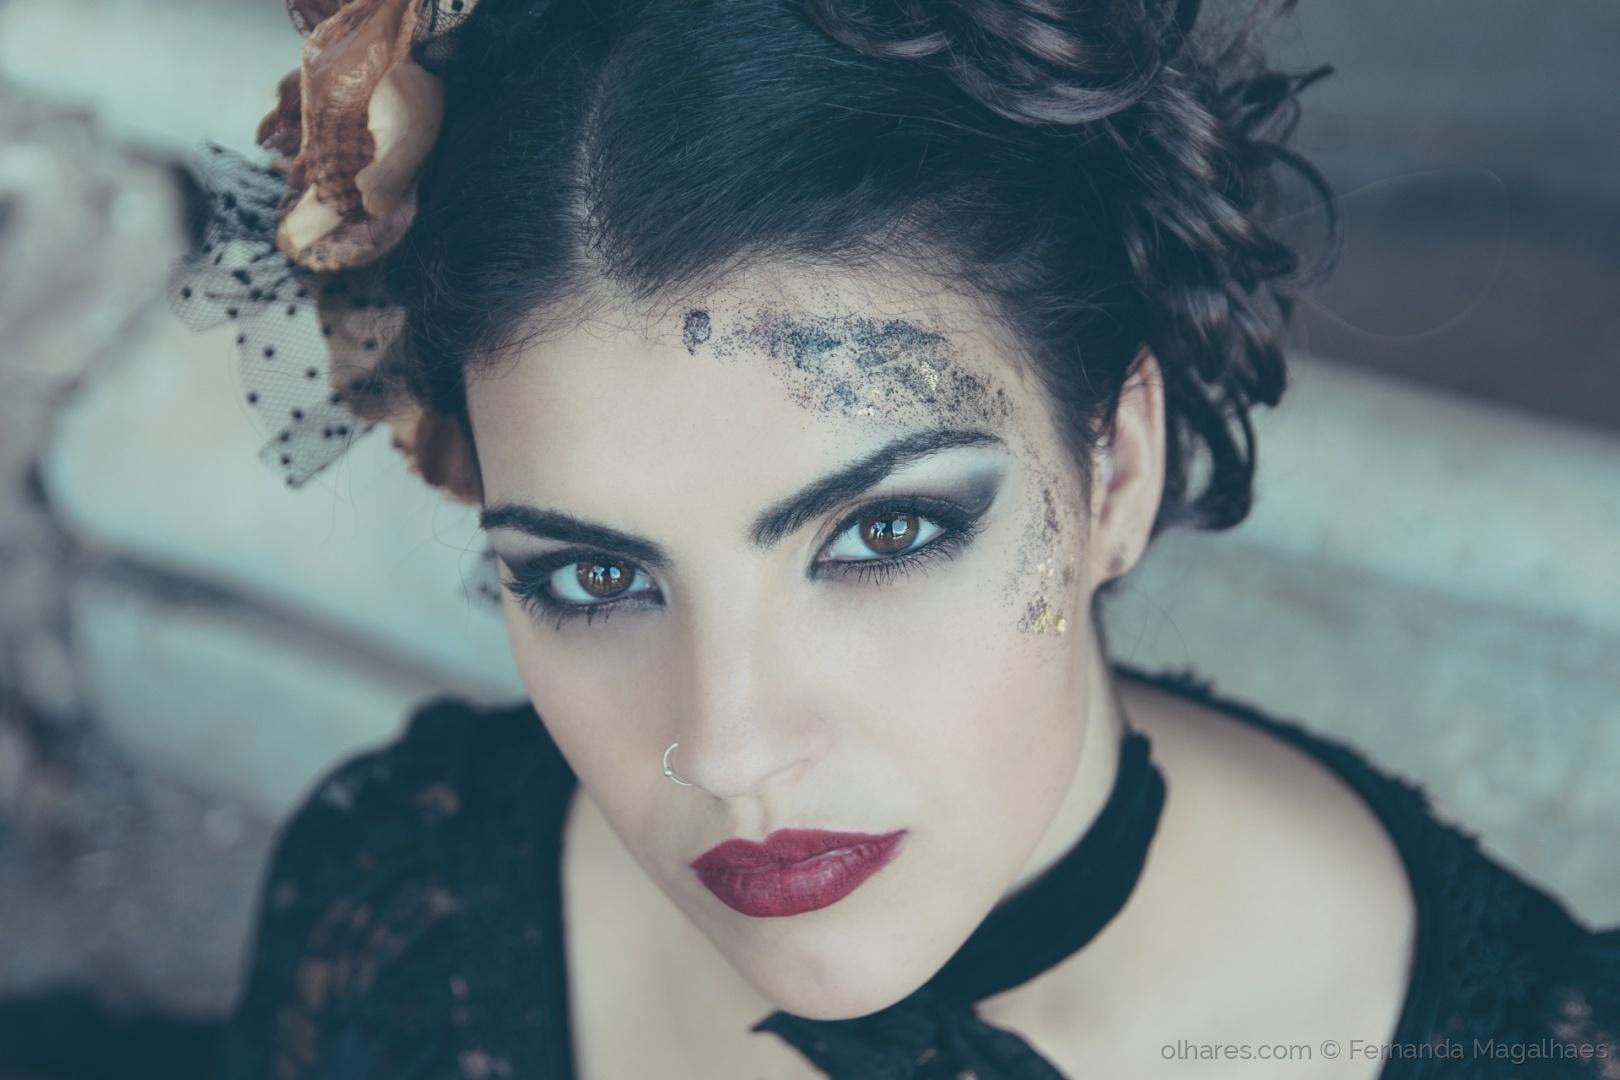 Retratos/Into my eyes